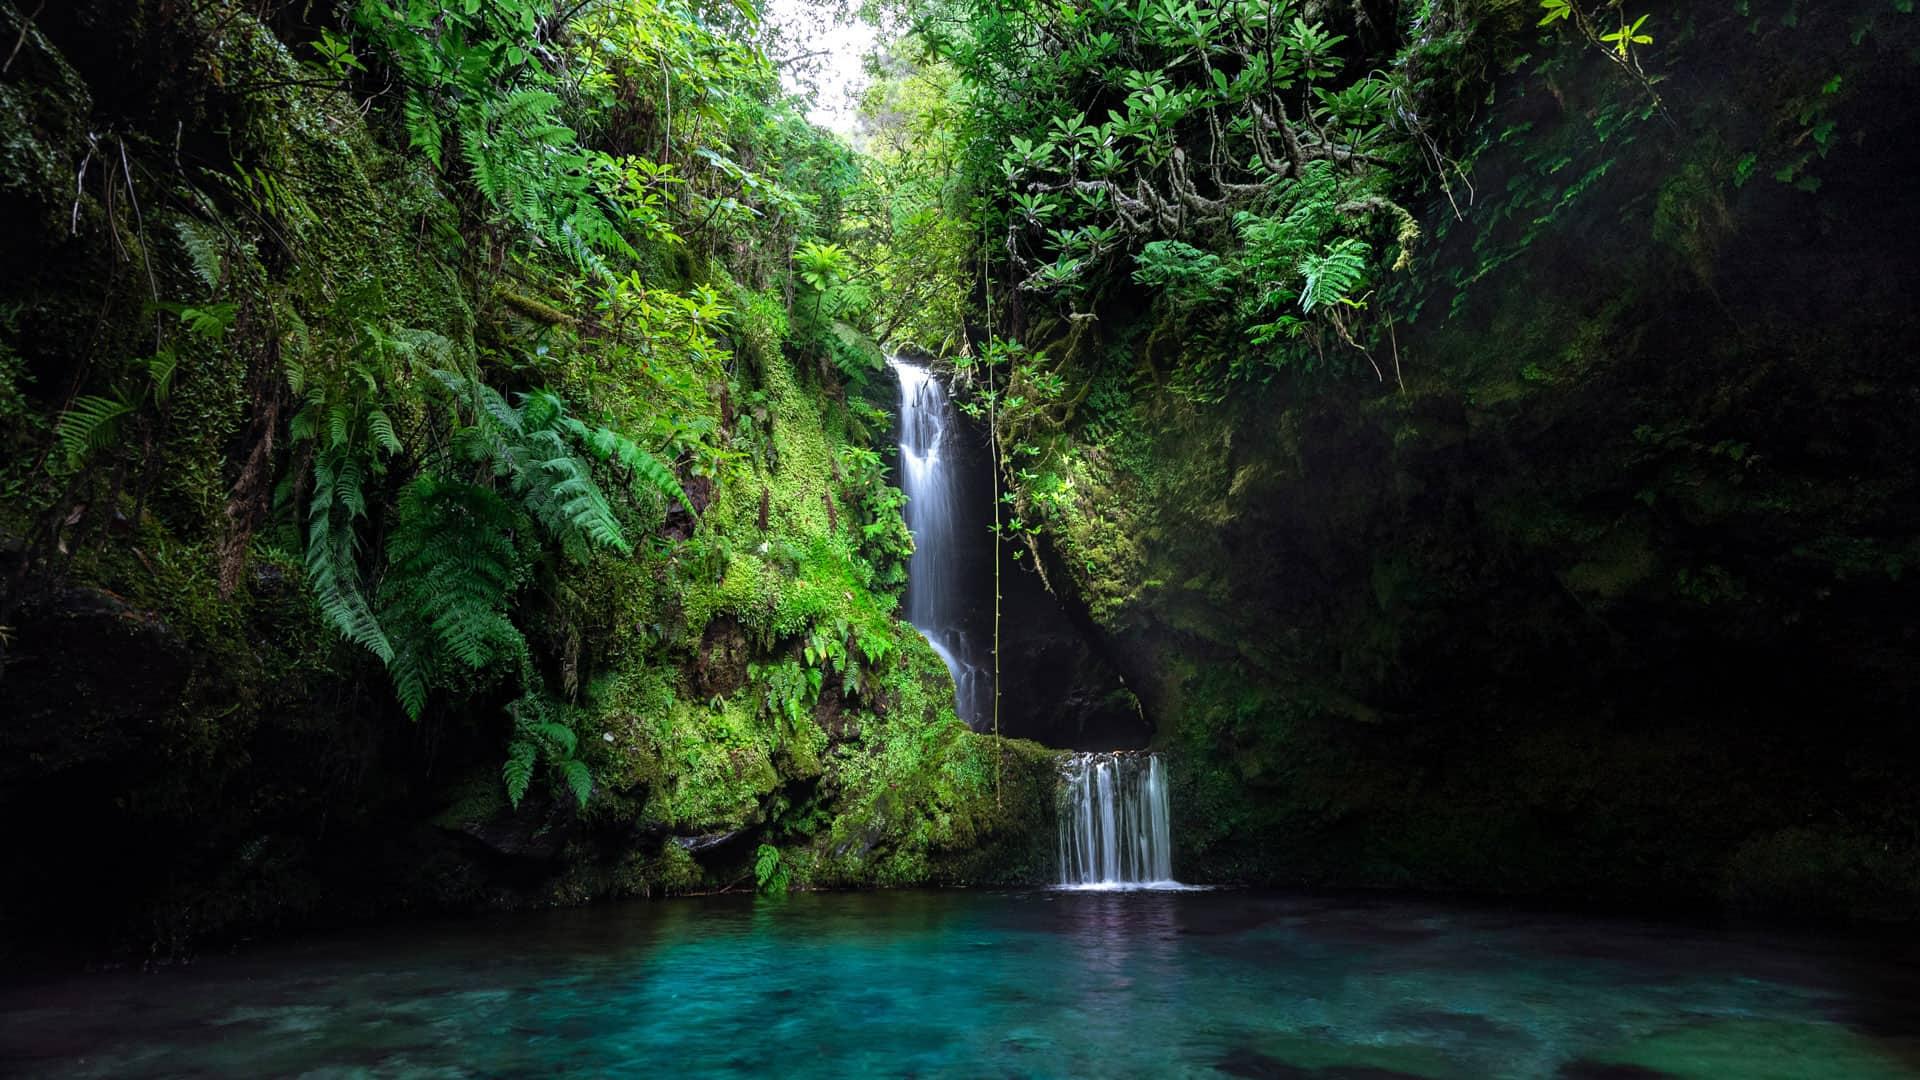 poço-das-pulgas-waterfall